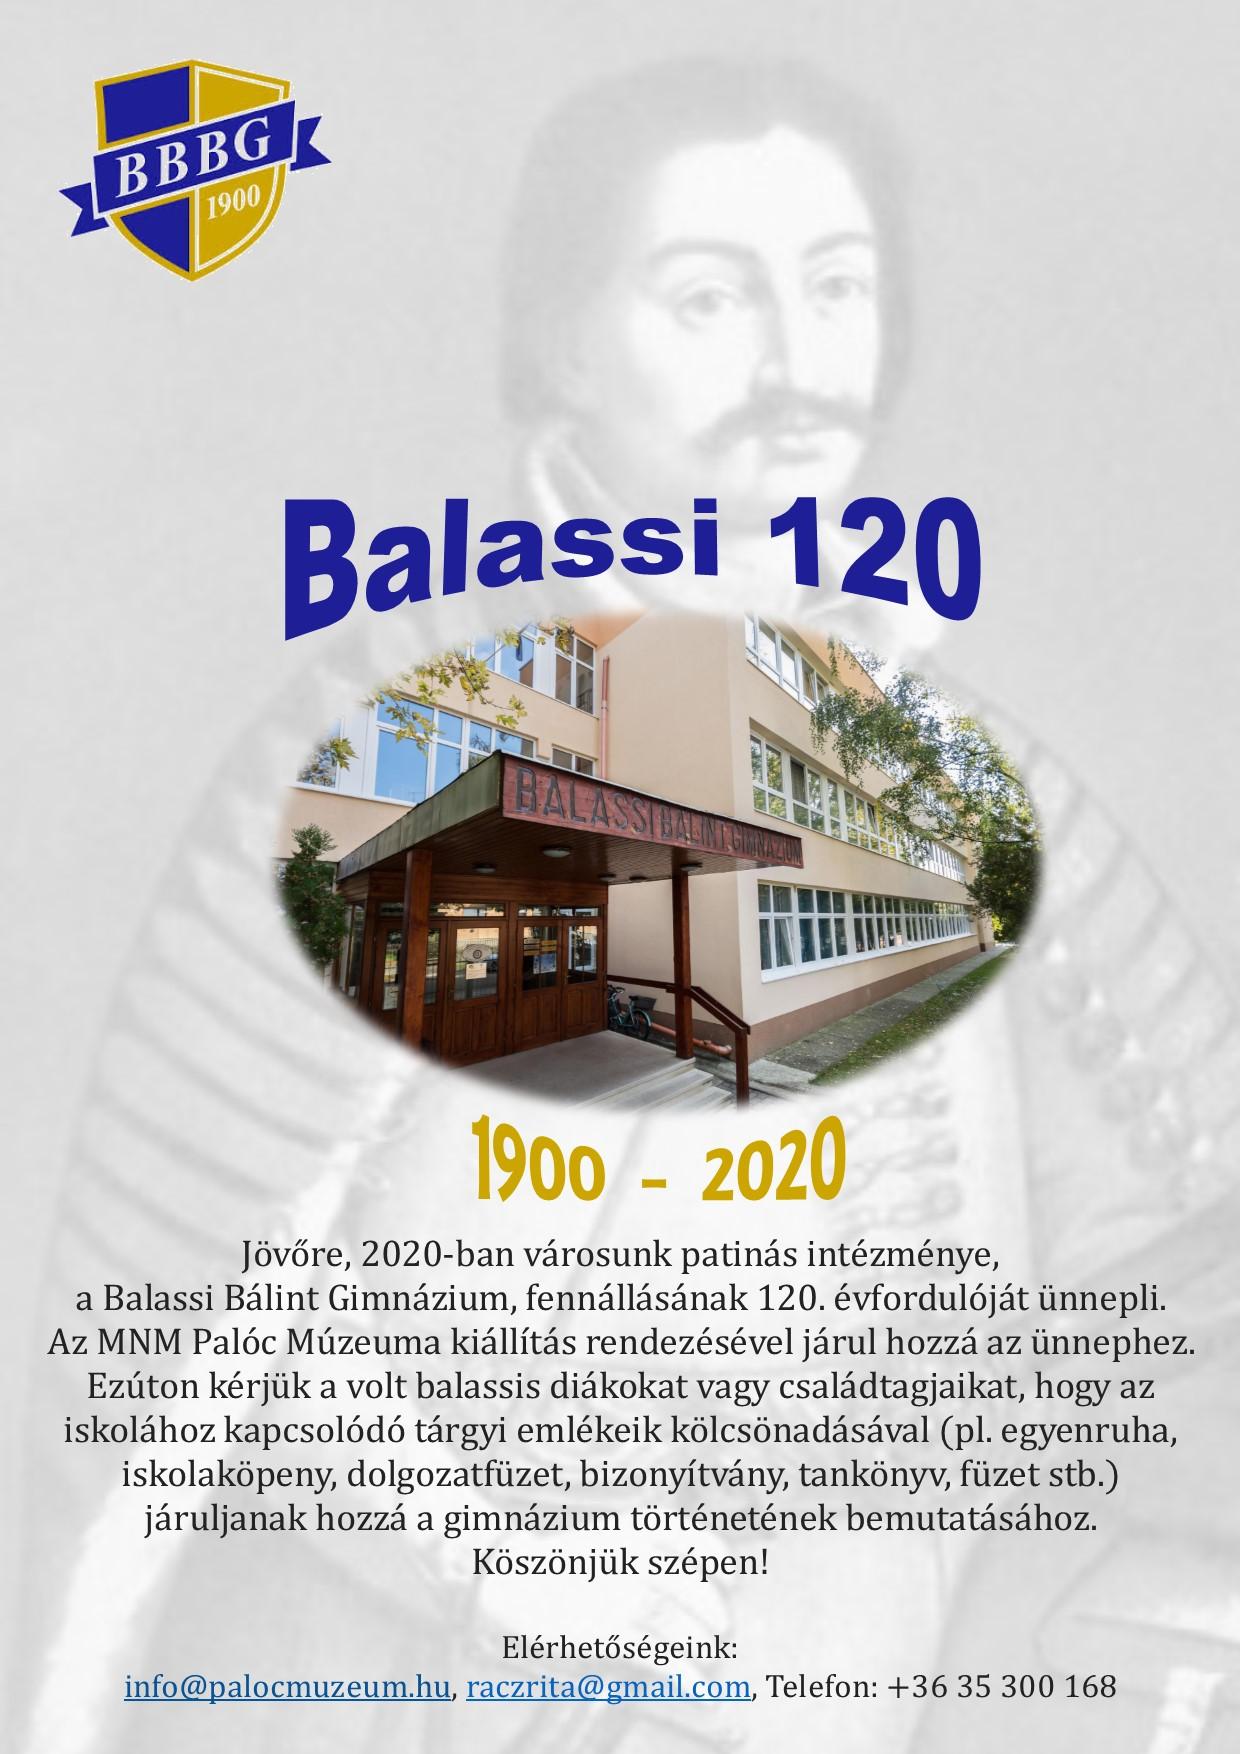 Balassi_120